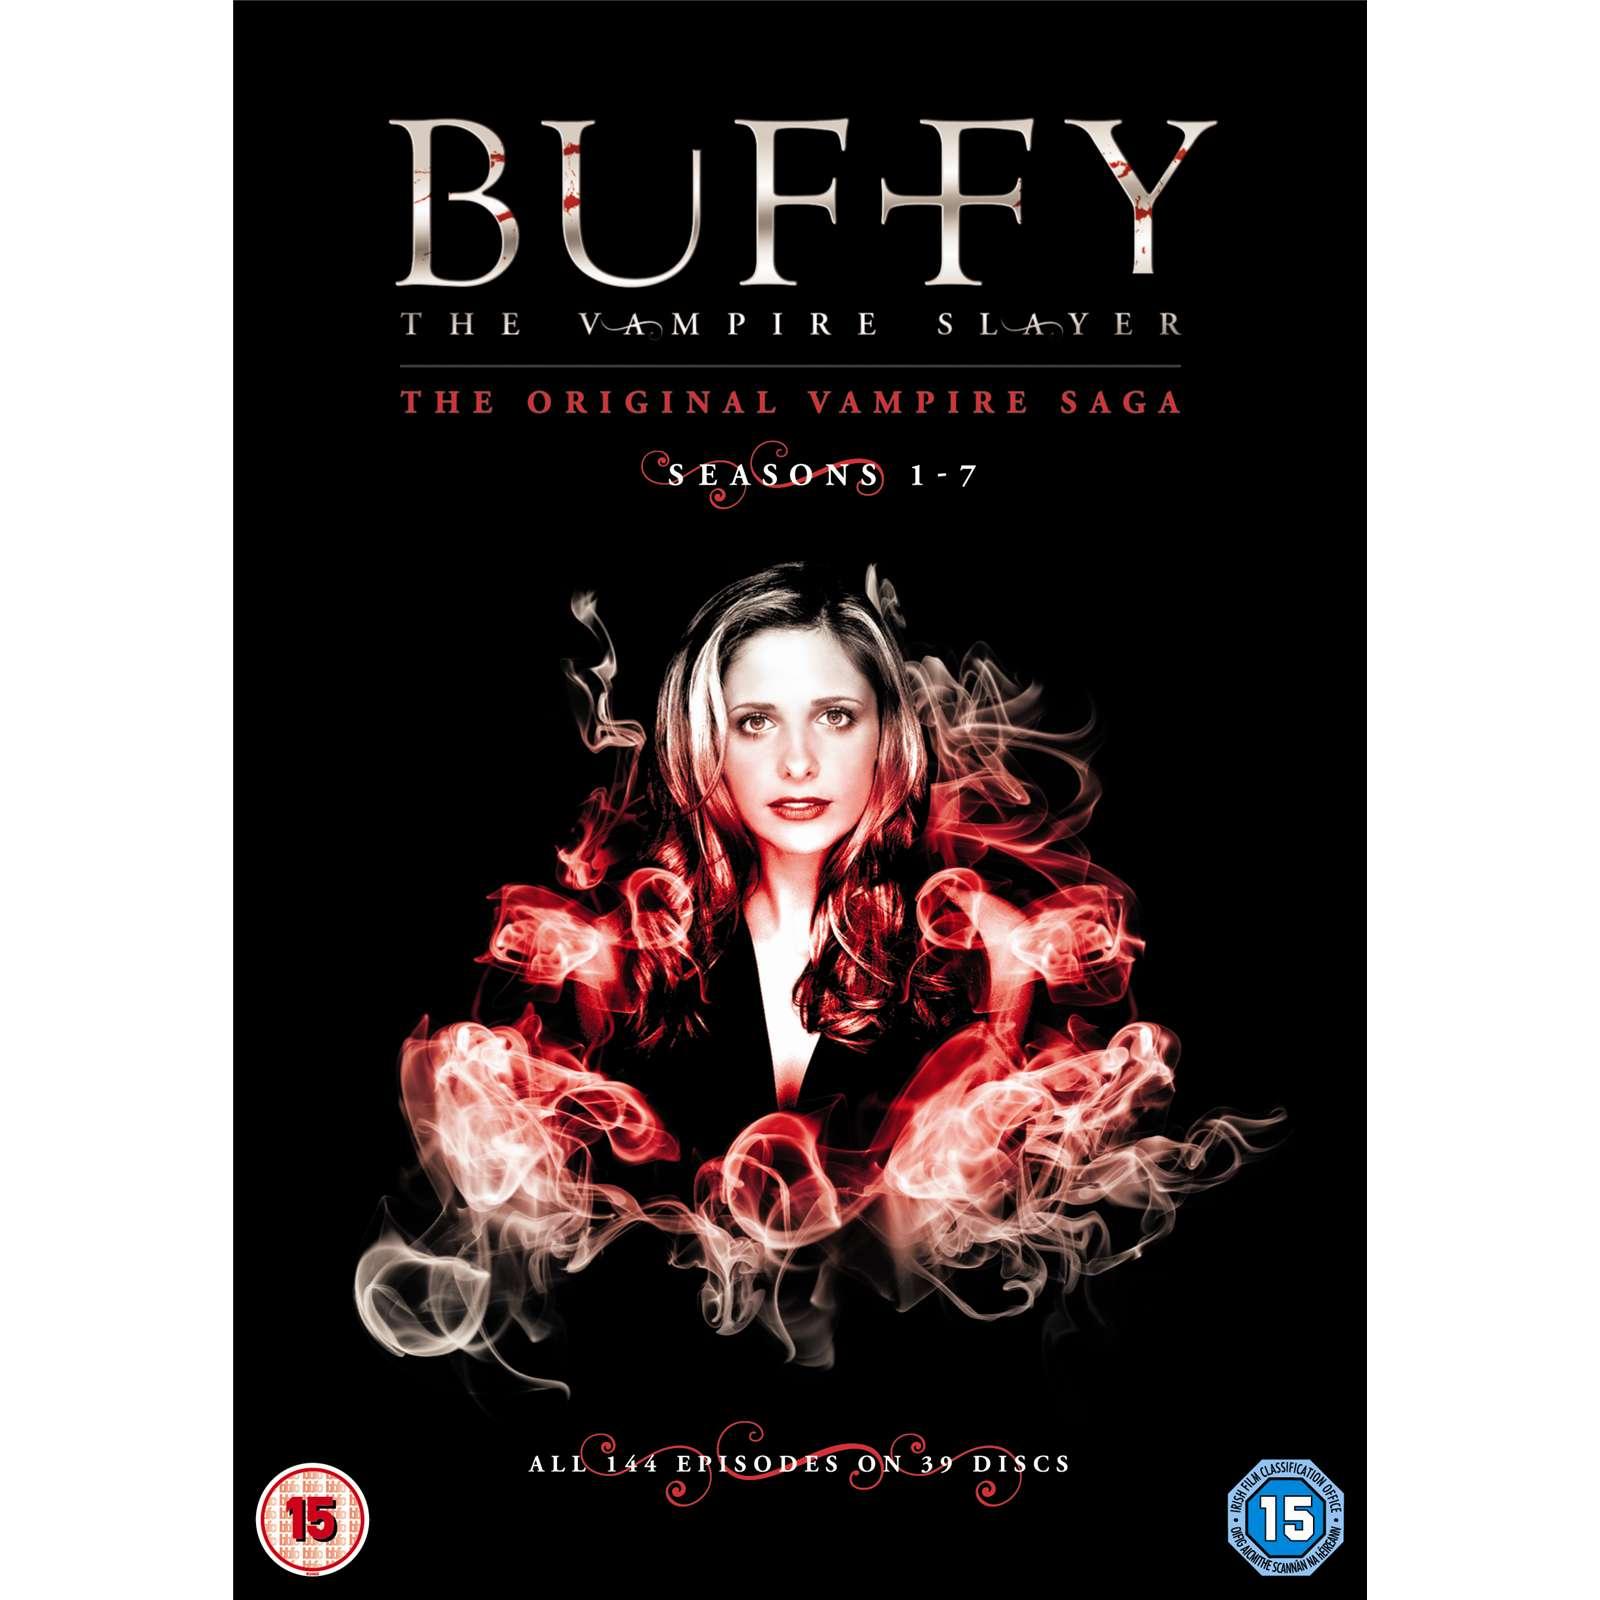 Bedba Buffy 2 Season